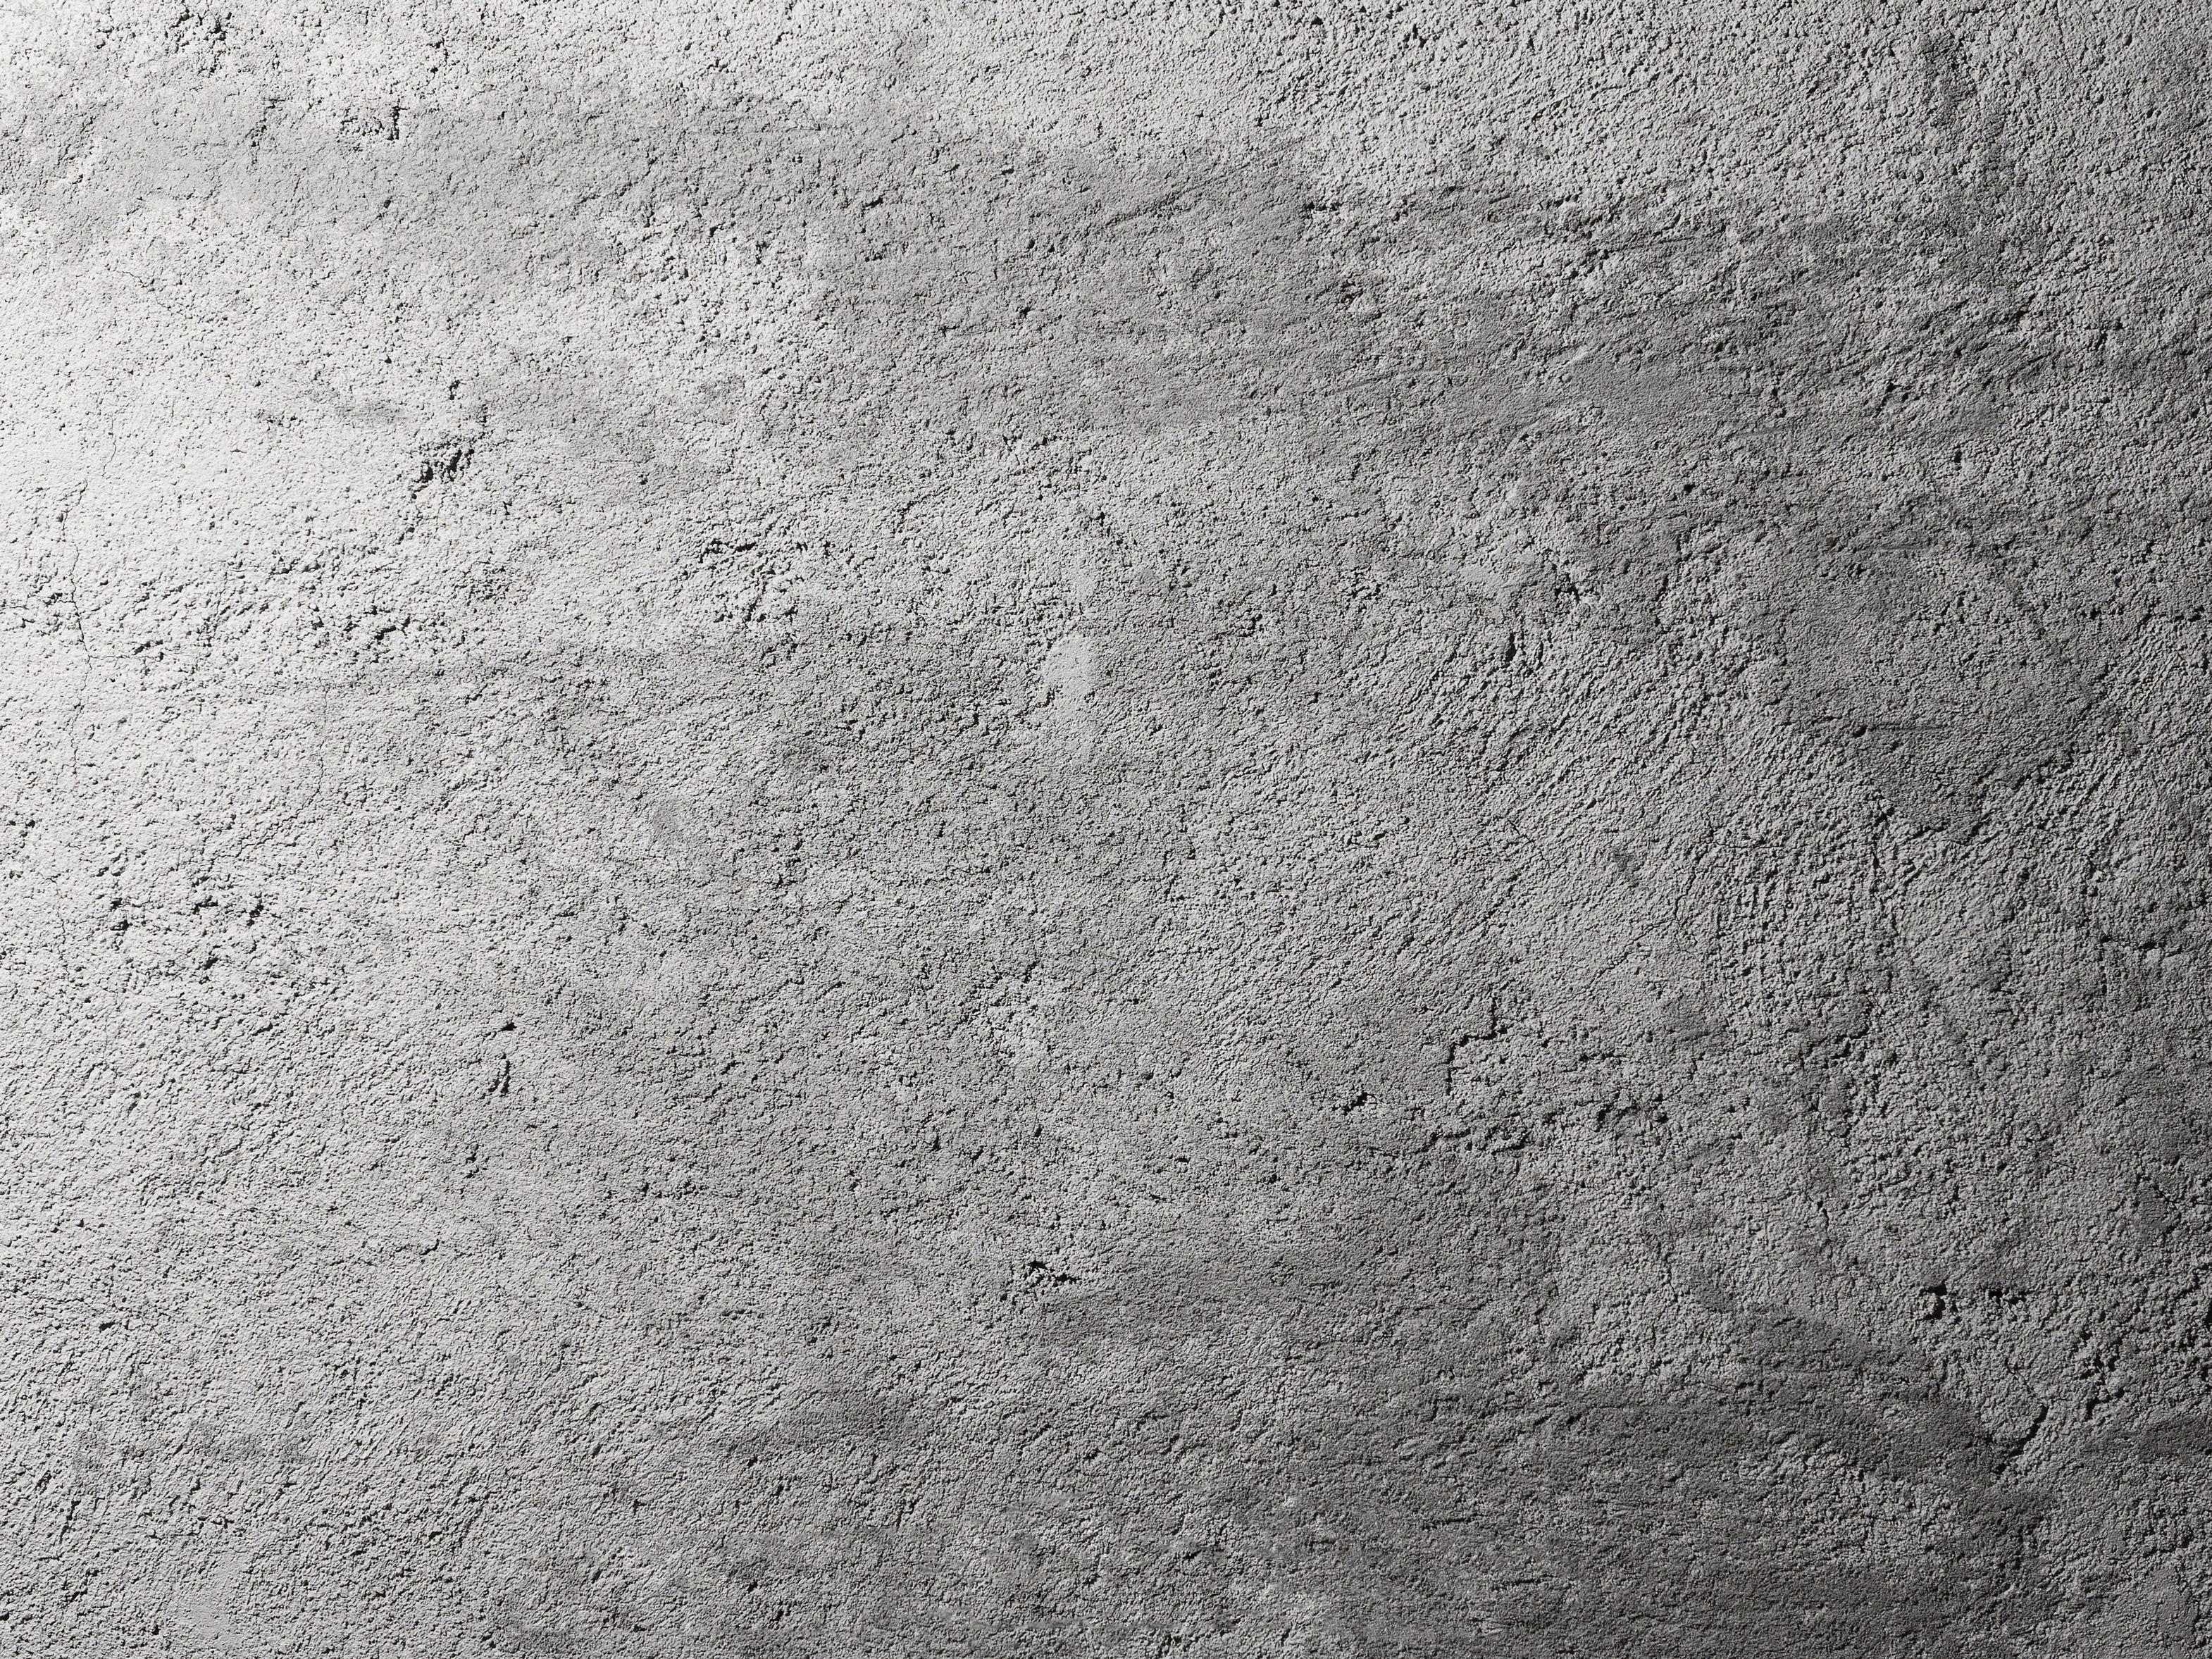 Download Texture Concrete Texture Concrete Download Photo Beton Texture Background Download Concrete Texture Cement Texture Concrete Wall Texture